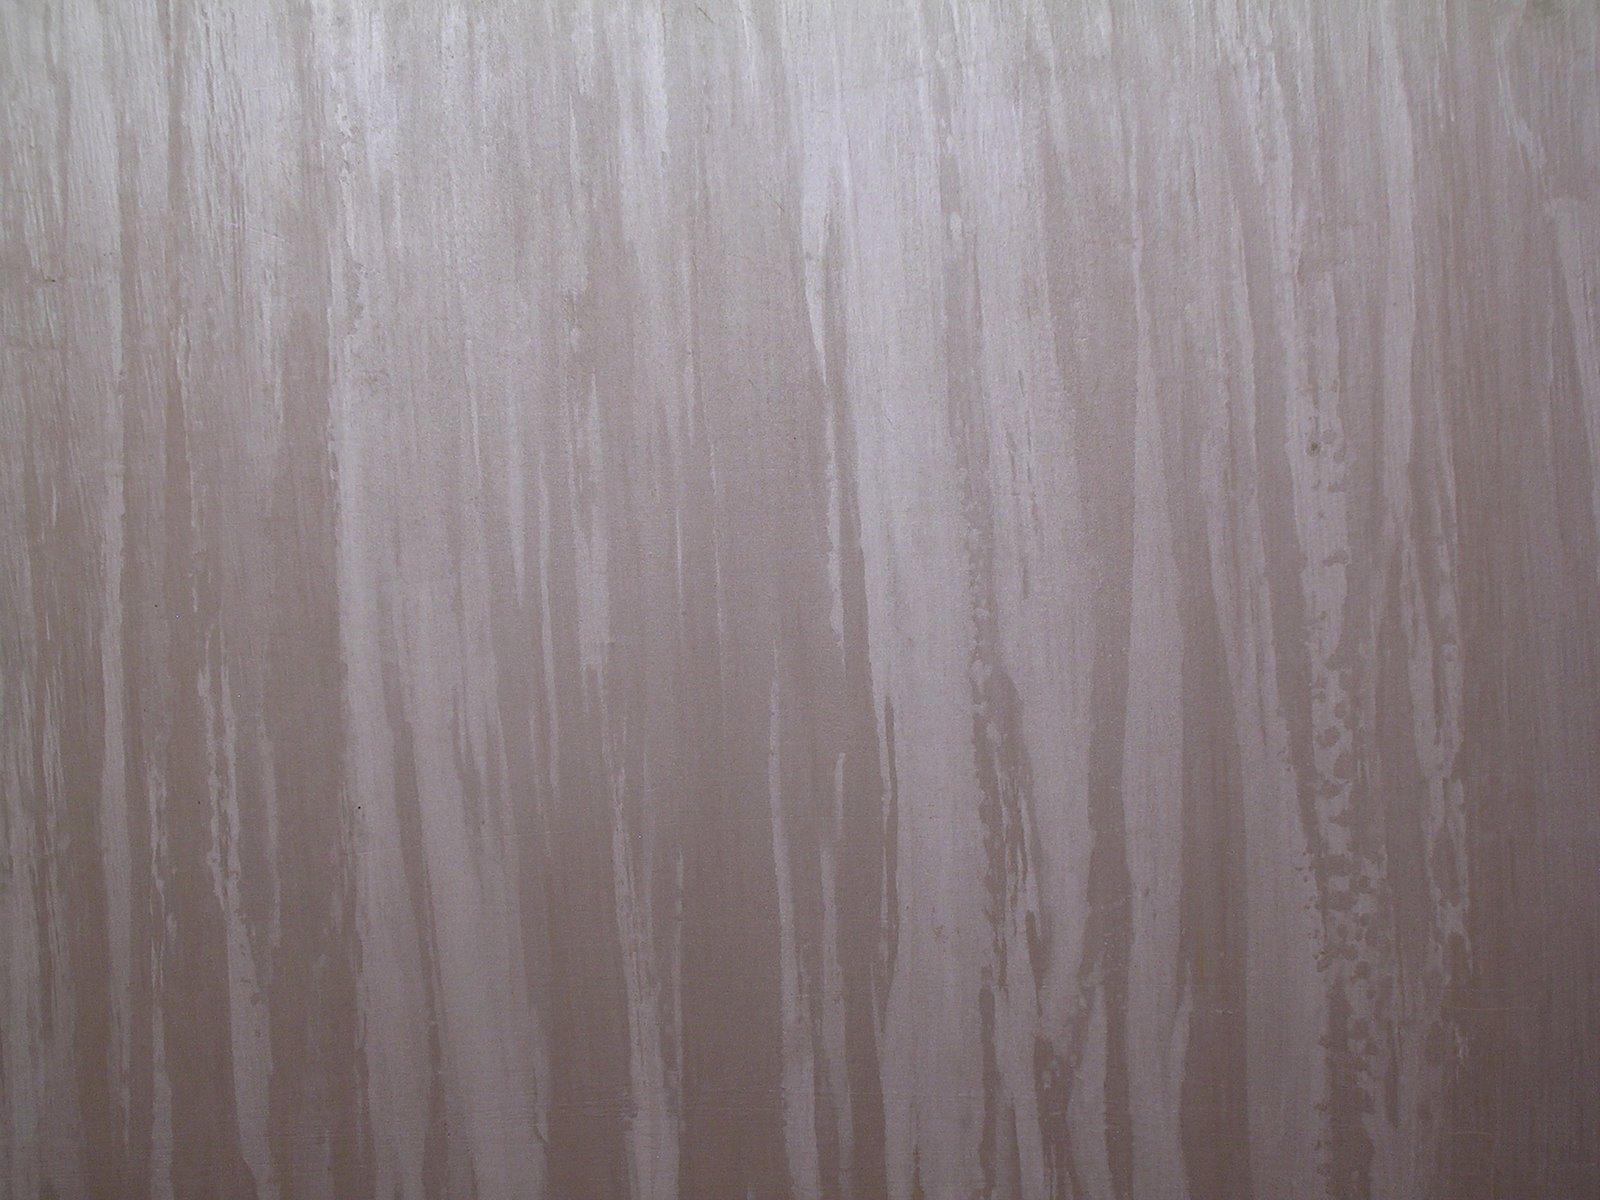 68+ Listino Prezzi Pitture Decorative Costi Applicazione Tamponato - LISTINO PREZZI ...